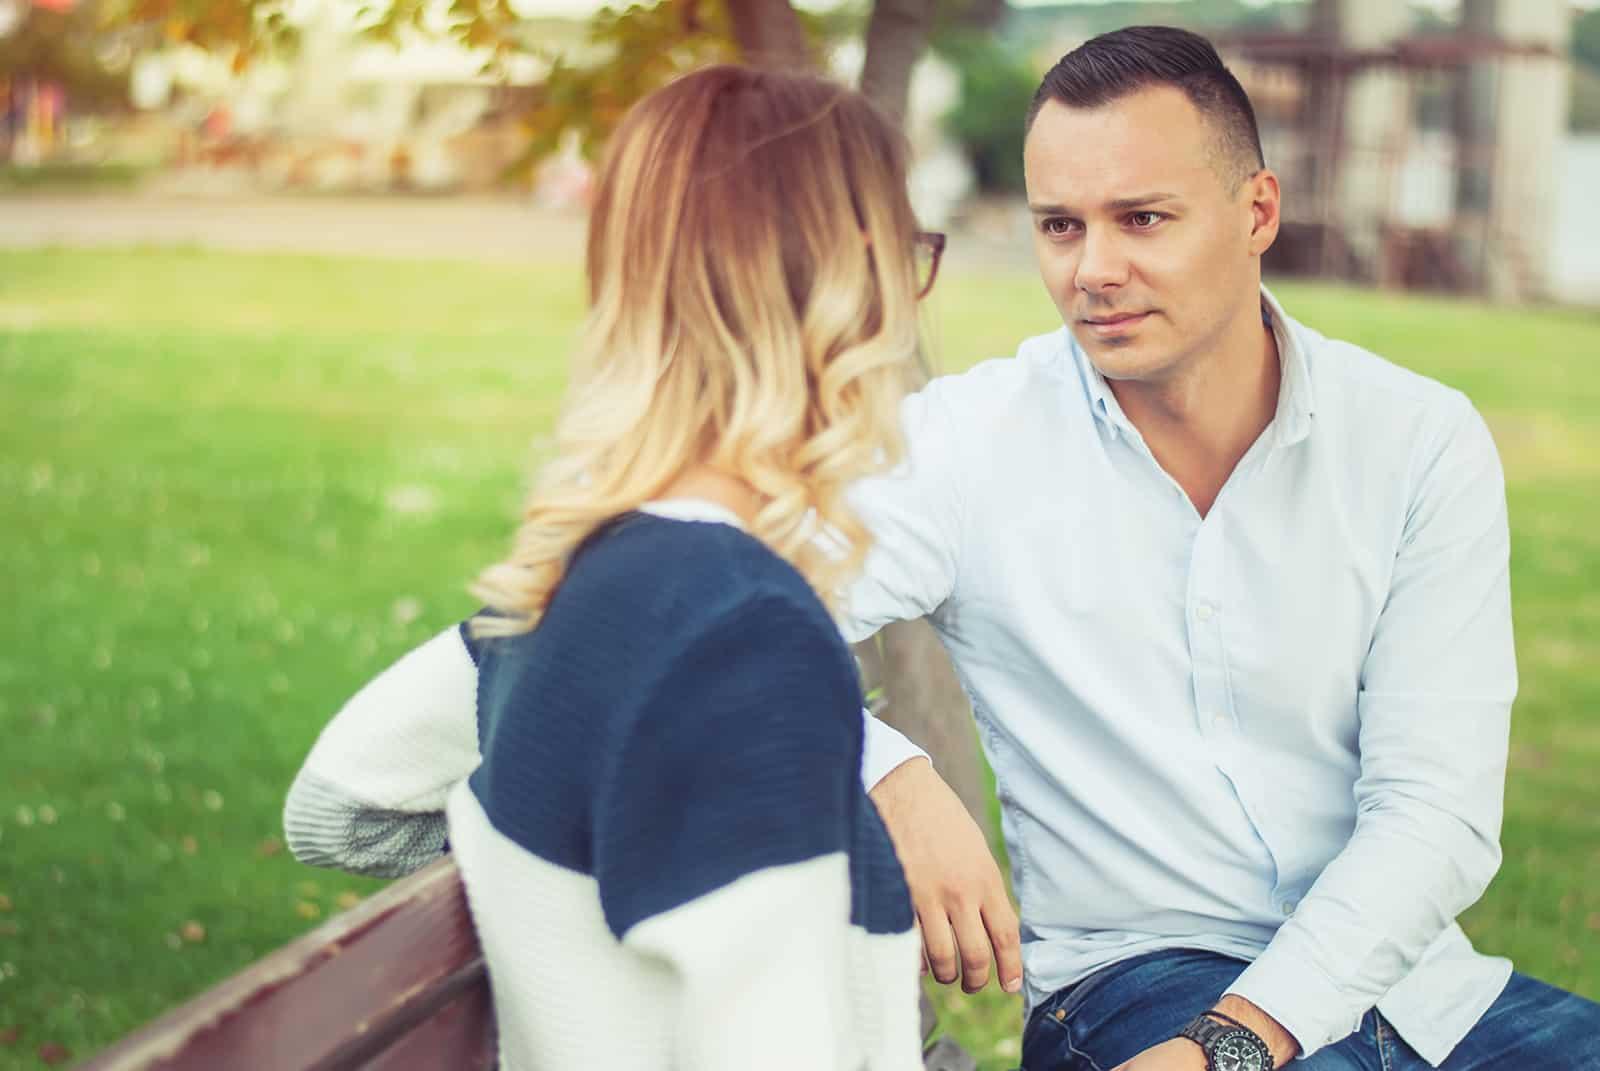 Ein Mann und eine Frau sprechen über ihre Beziehung auf der Bank